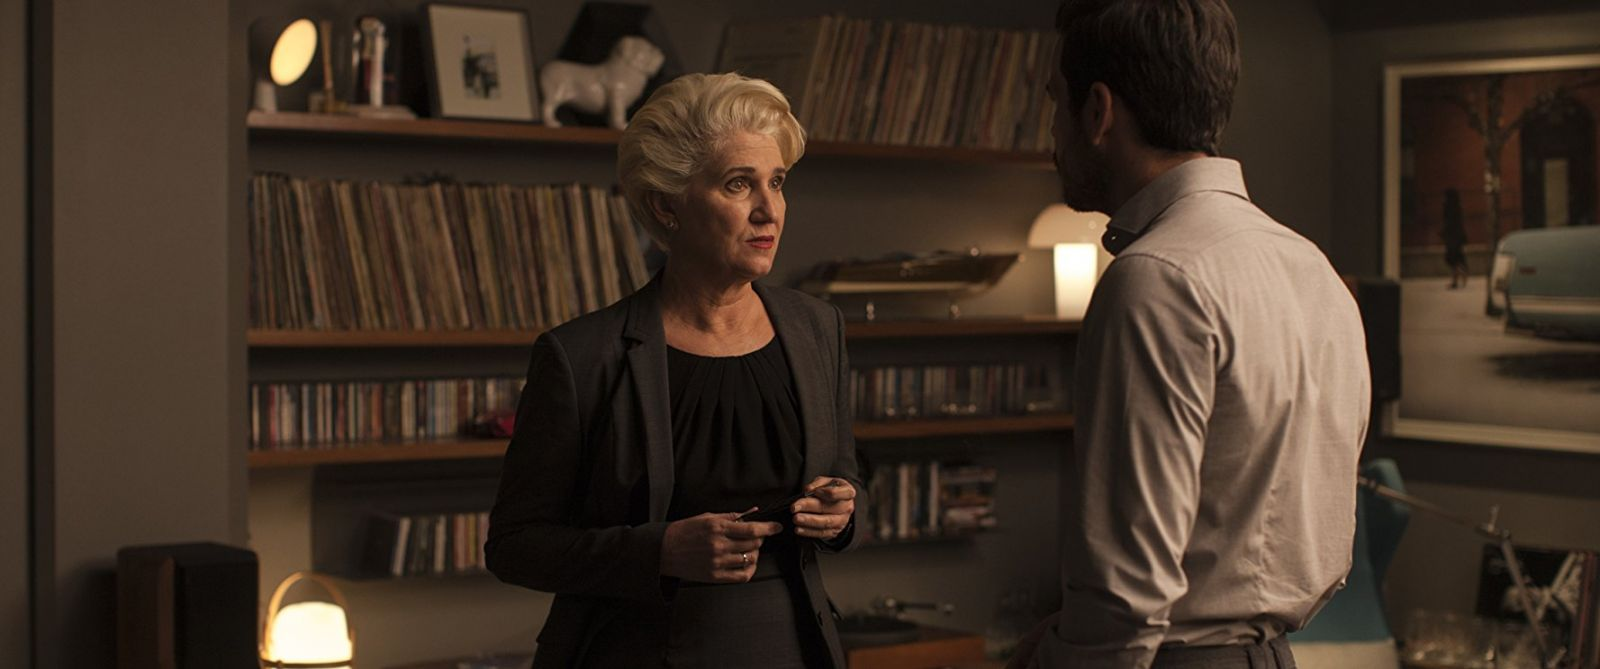 Кадр из фильма «Невидимый гость»